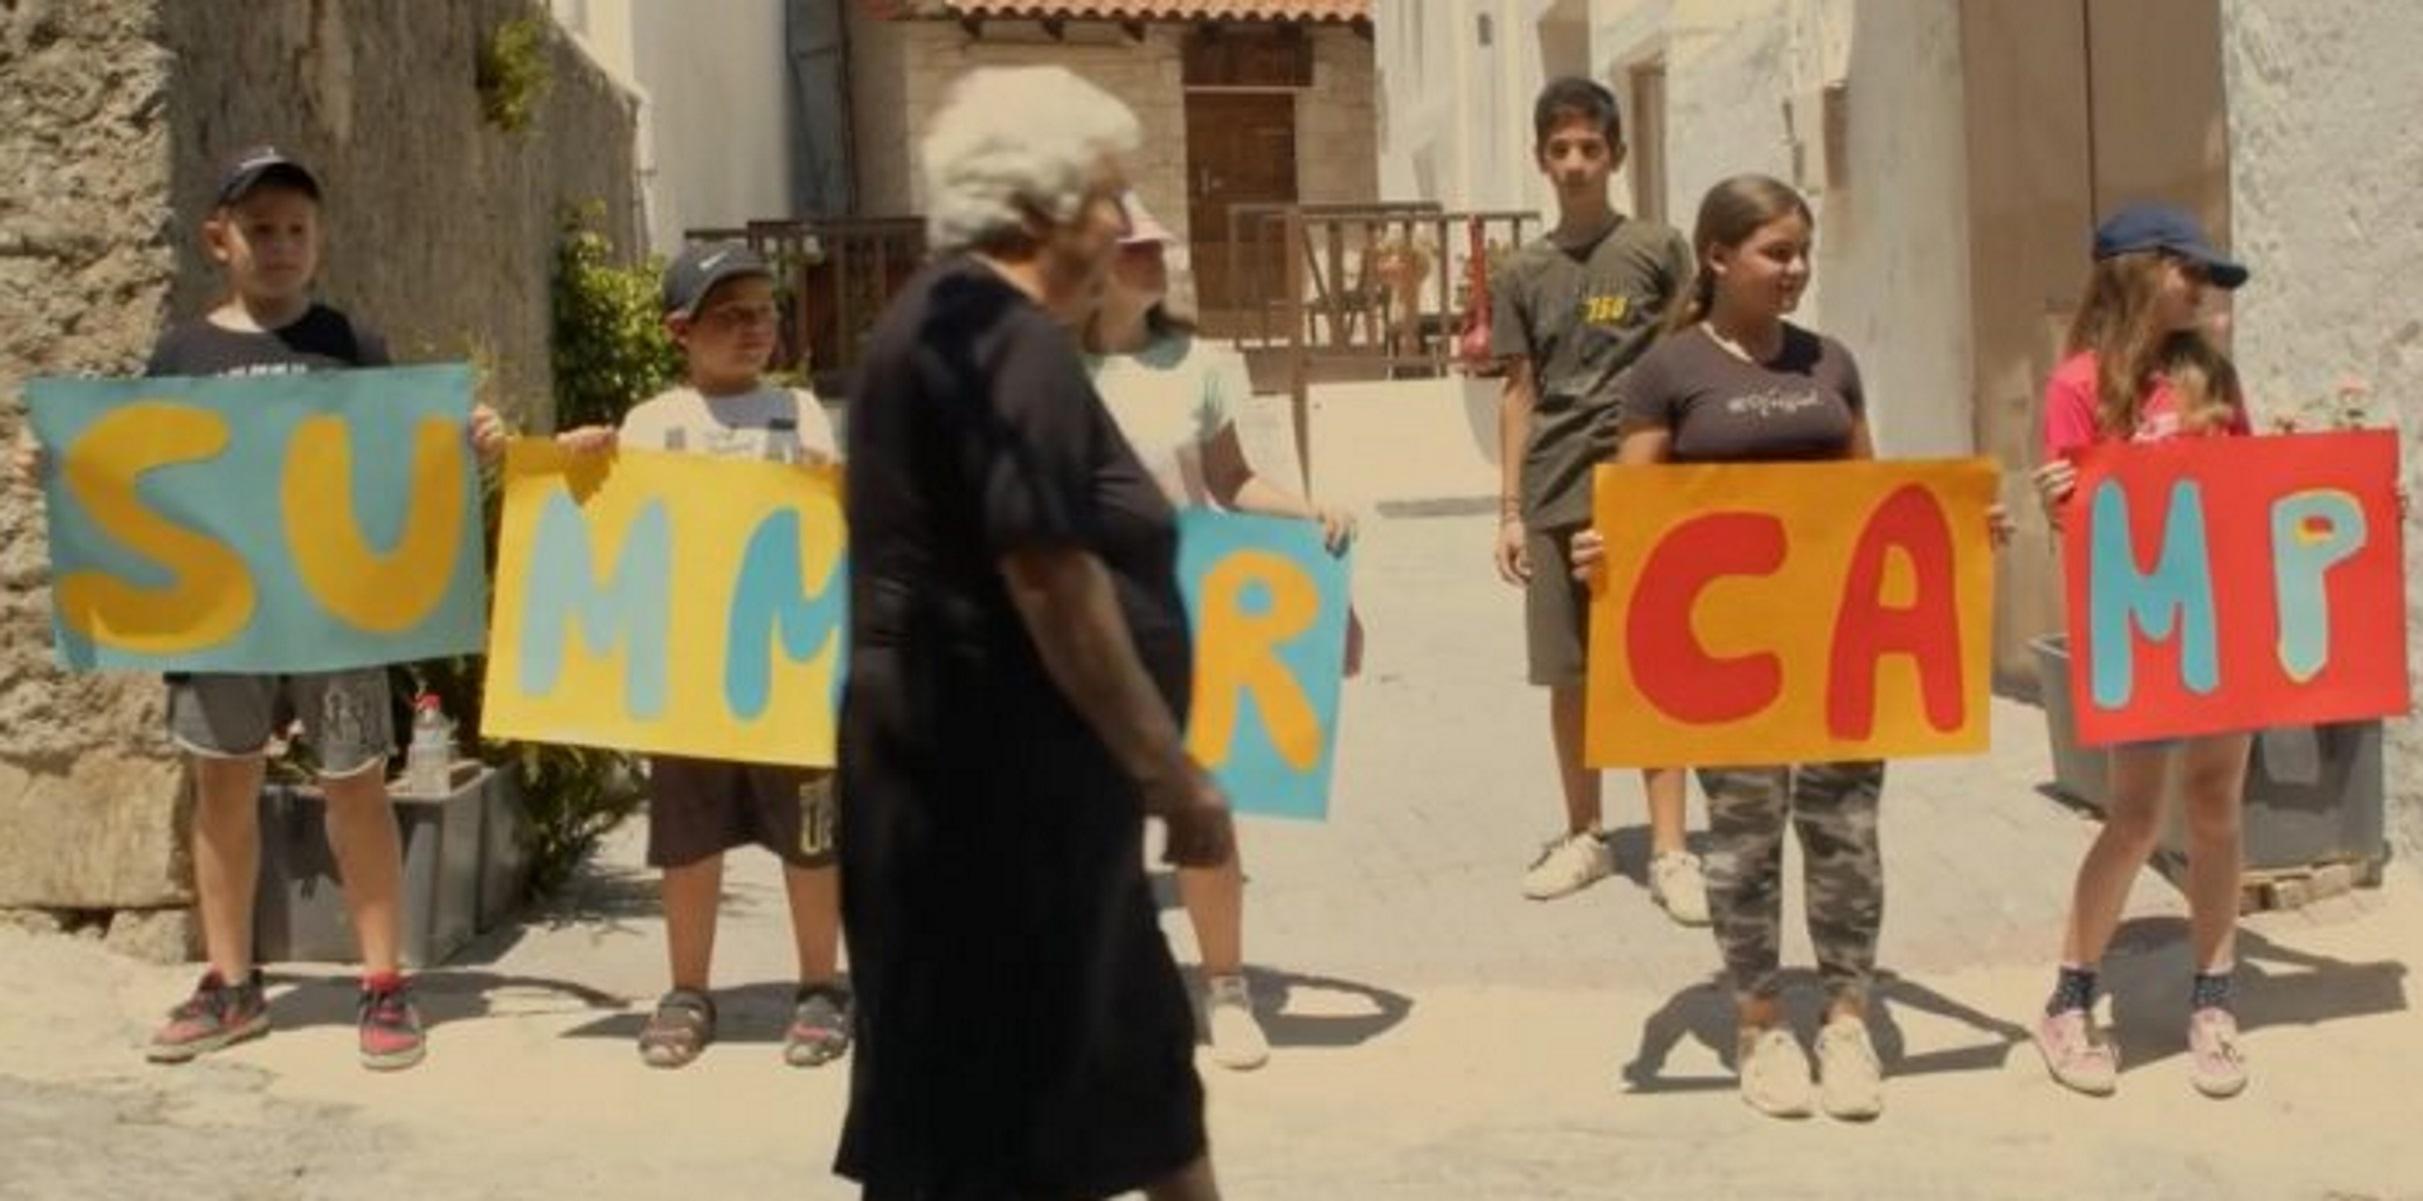 Κρήτη: Viral βίντεο με γιαγιά που κυνηγάει το εγγονάκι της